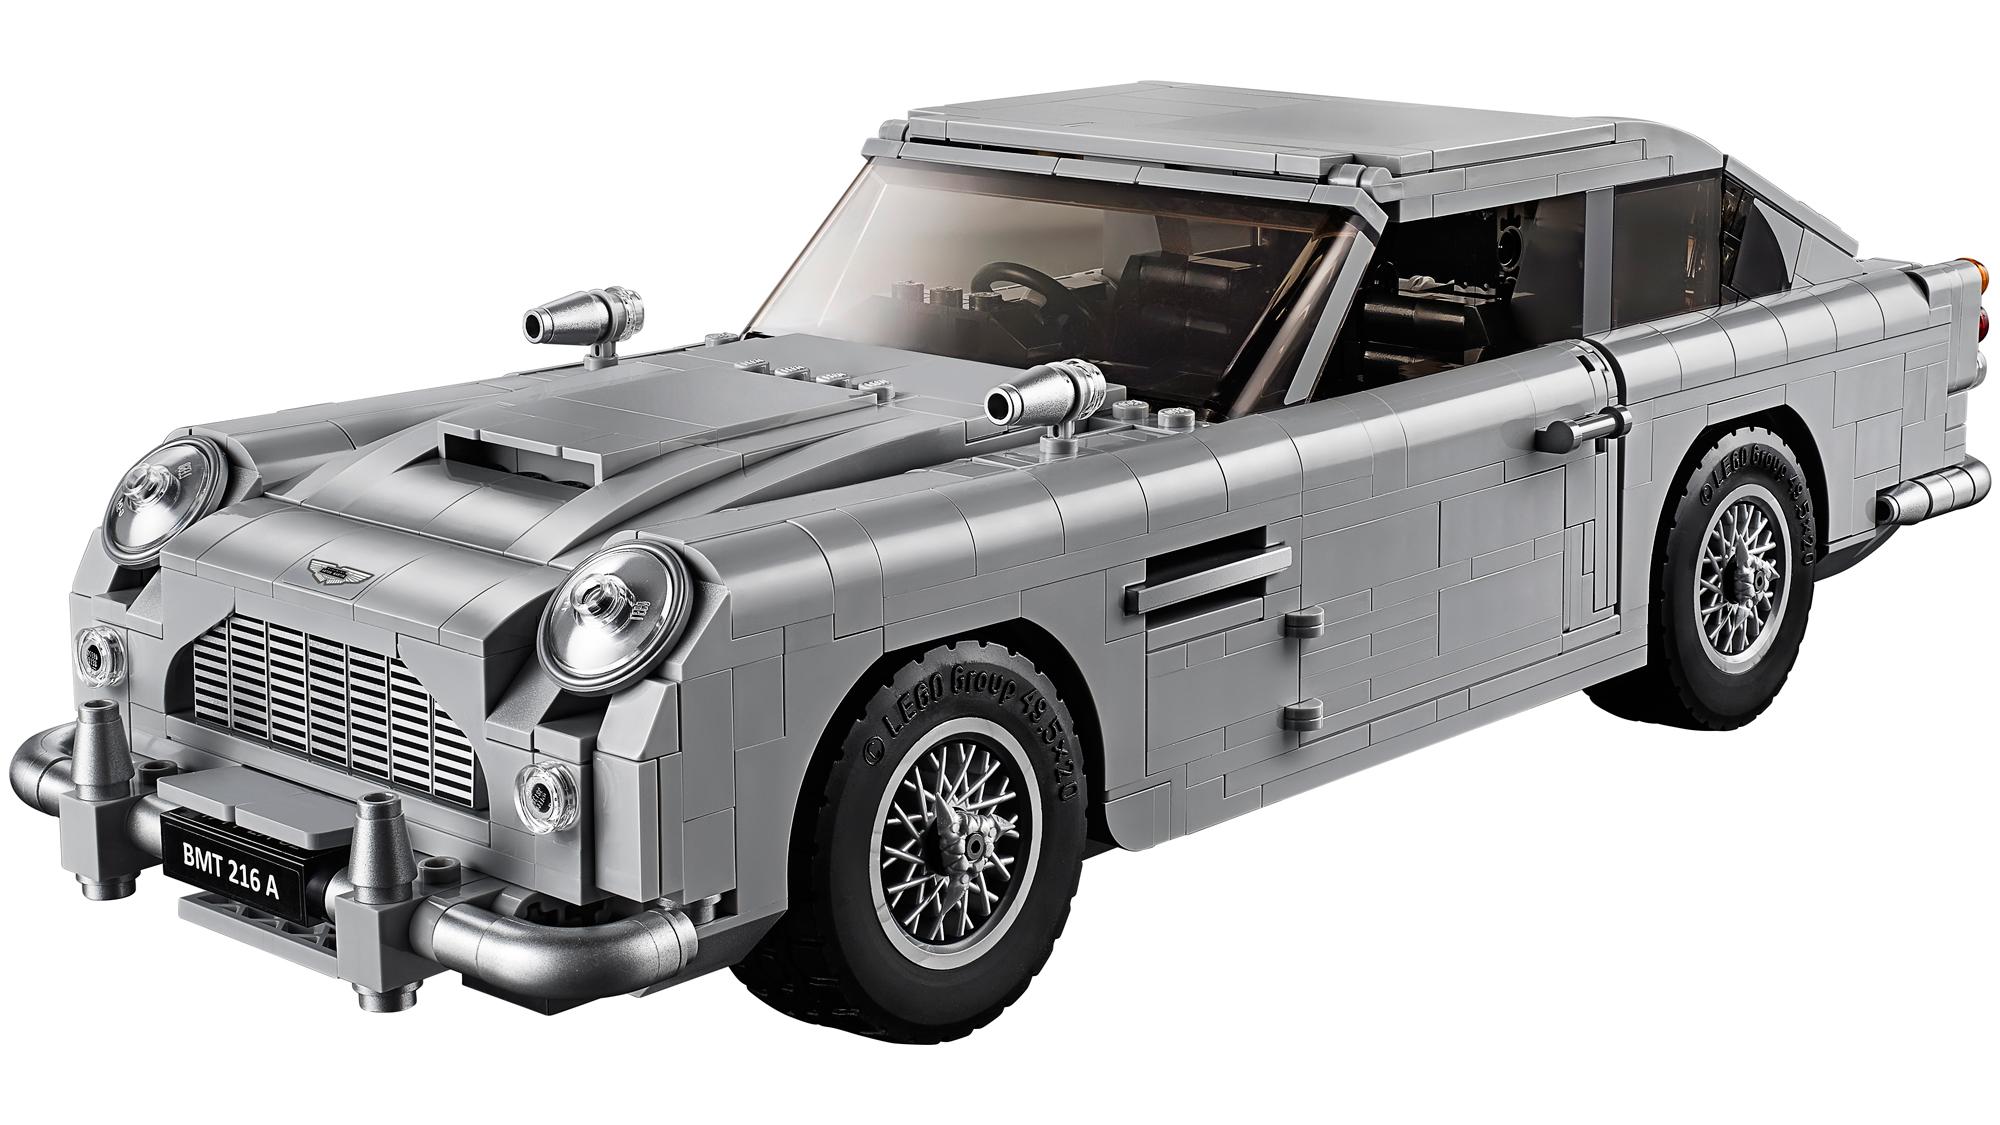 James Bond Aston Martin DB5 LEGO set